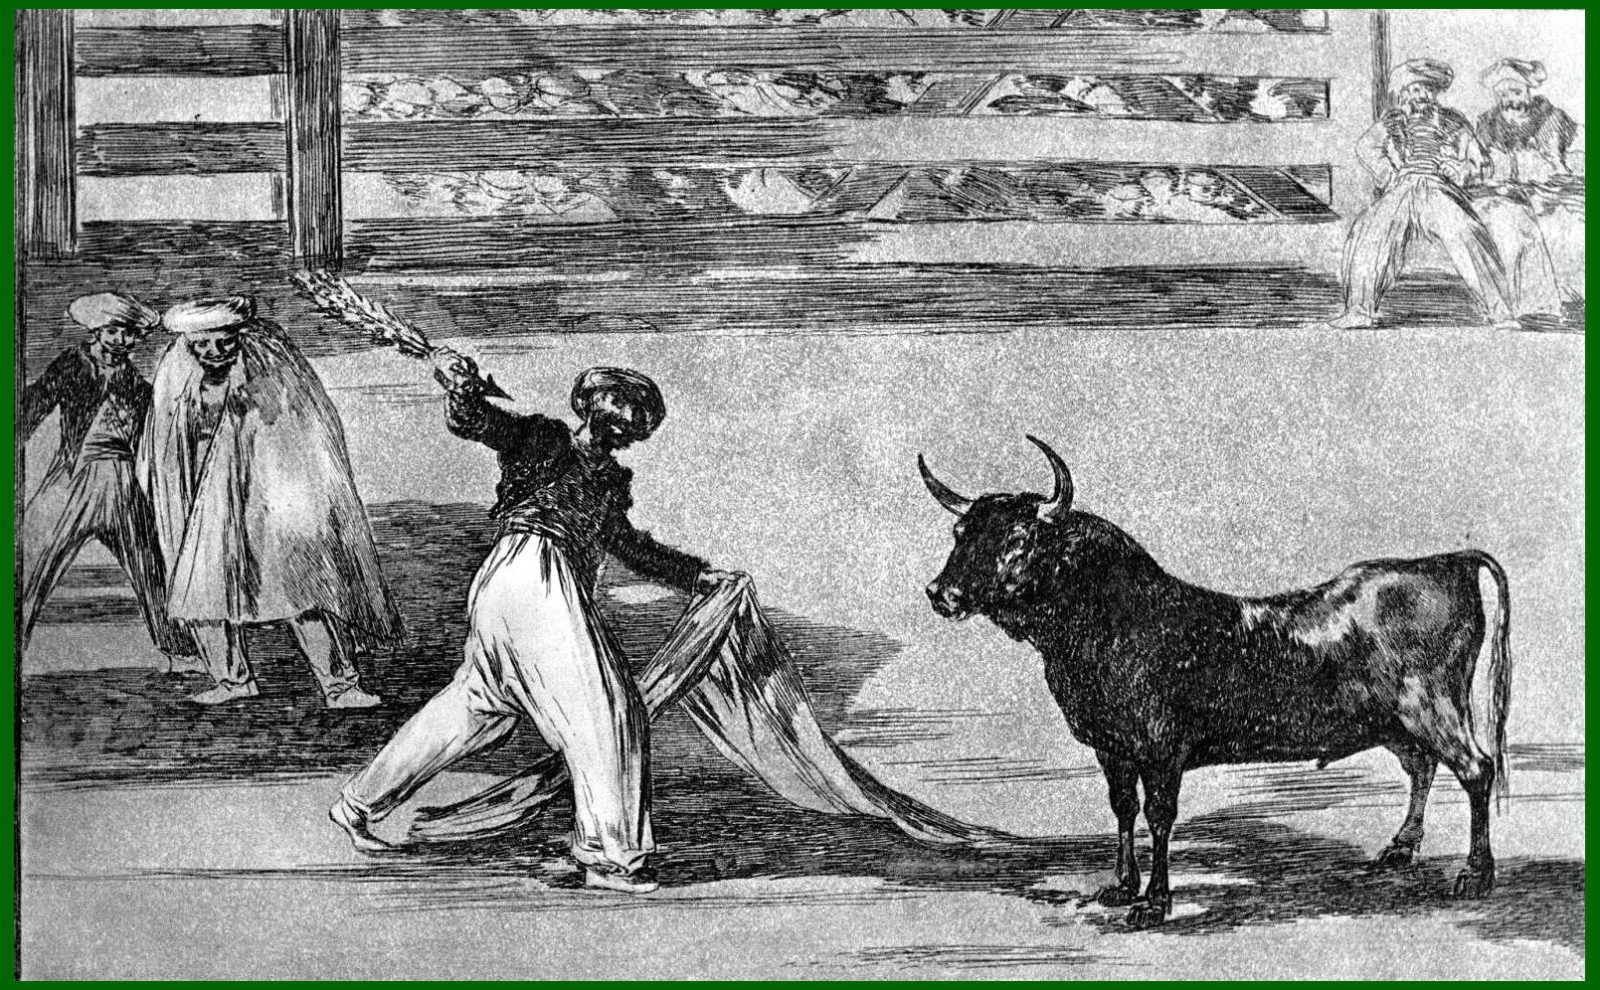 La naissance des jeux taurins